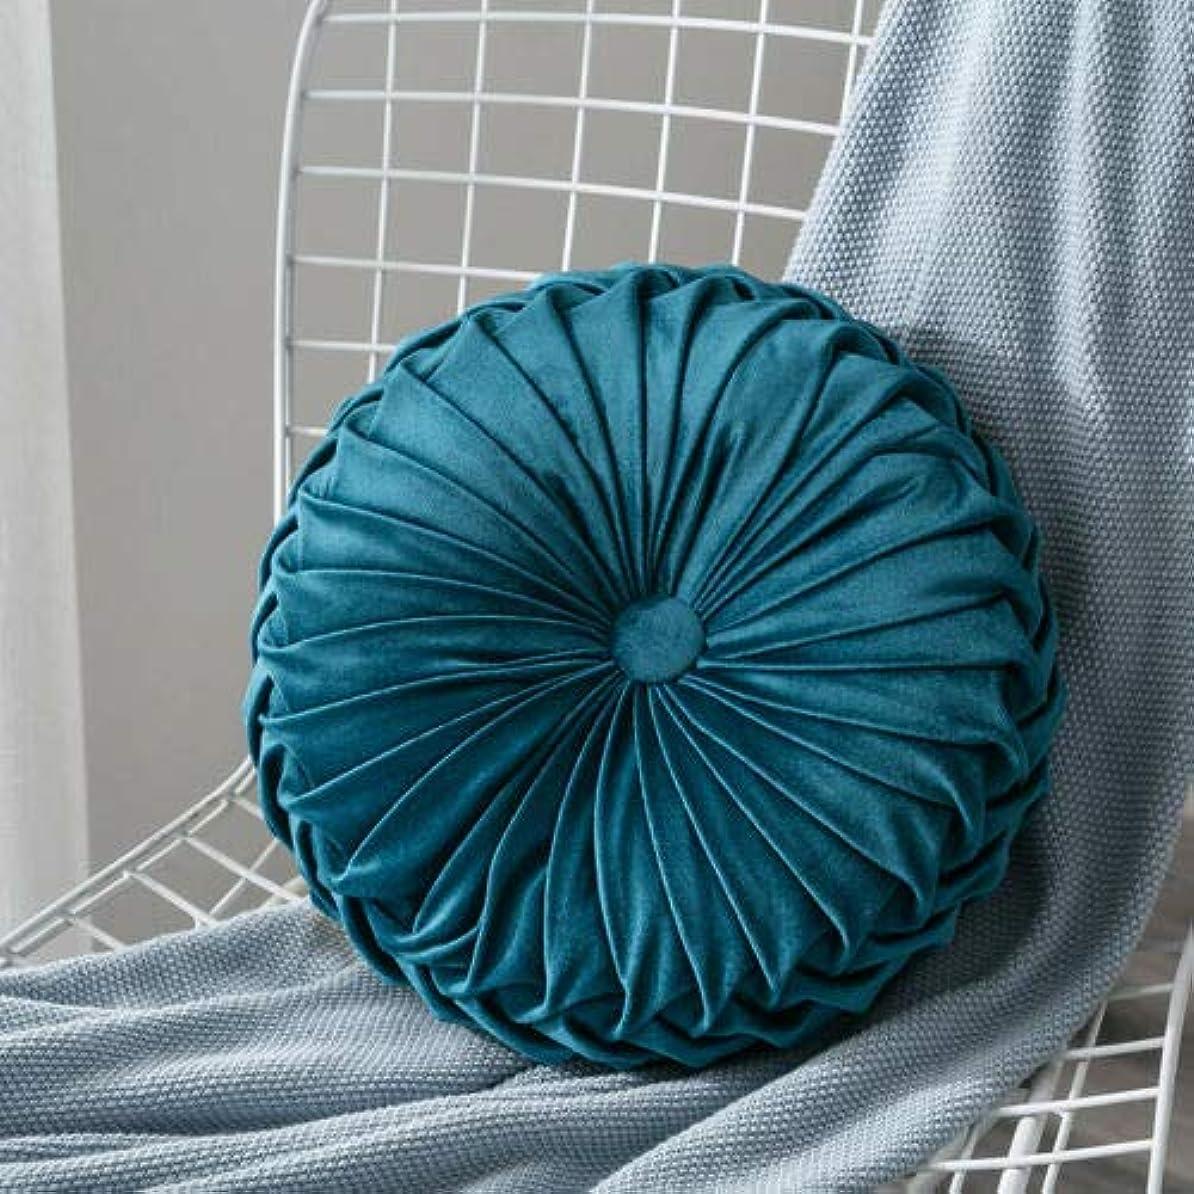 レポートを書く夫婦練るLIFE ベルベットプリーツラウンドカボチャ枕ソファクッション床枕の装飾 クッション 椅子